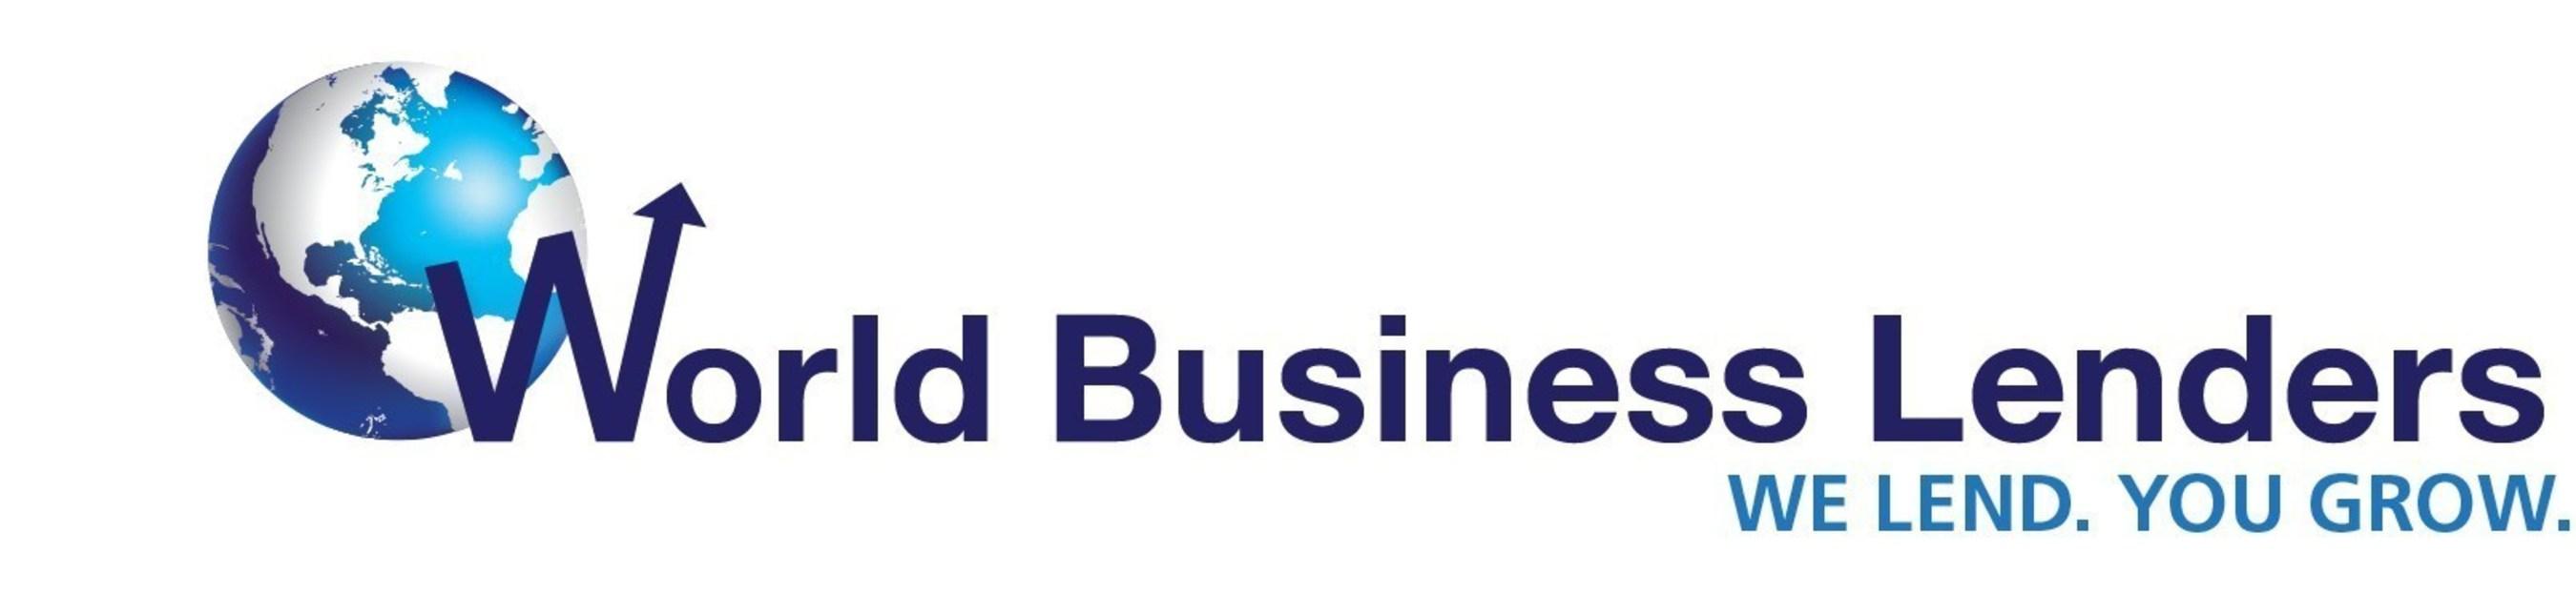 World Business Lenders